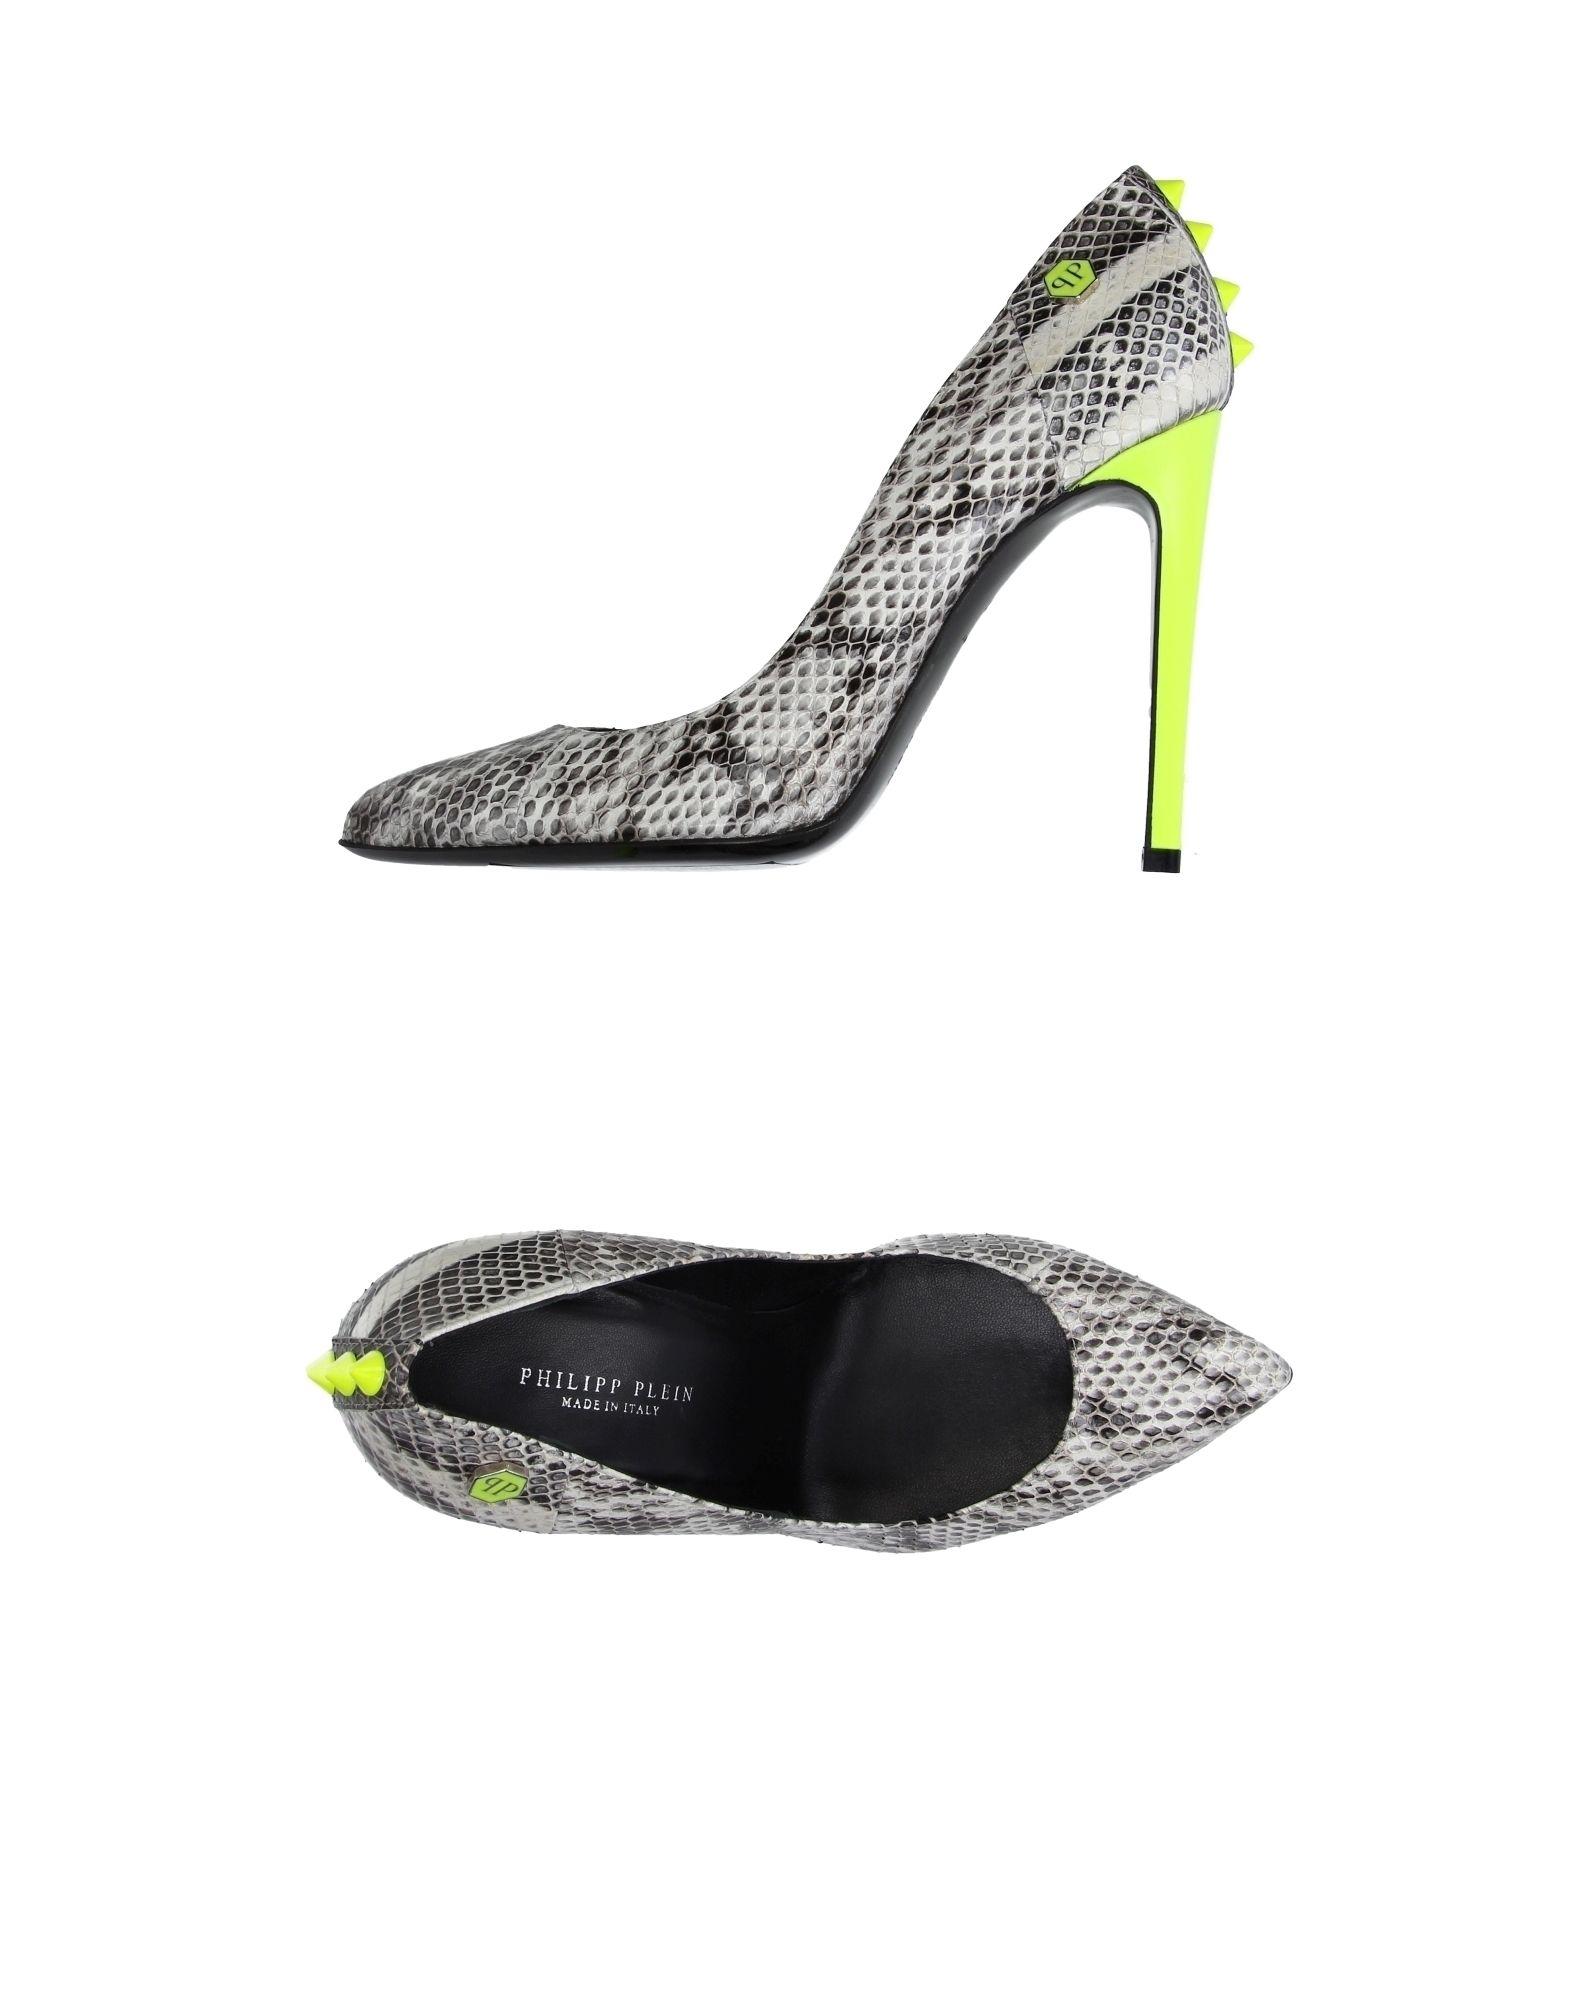 Philipp 44901198QGGünstige Plein Pumps Damen  44901198QGGünstige Philipp gut aussehende Schuhe 999cdd